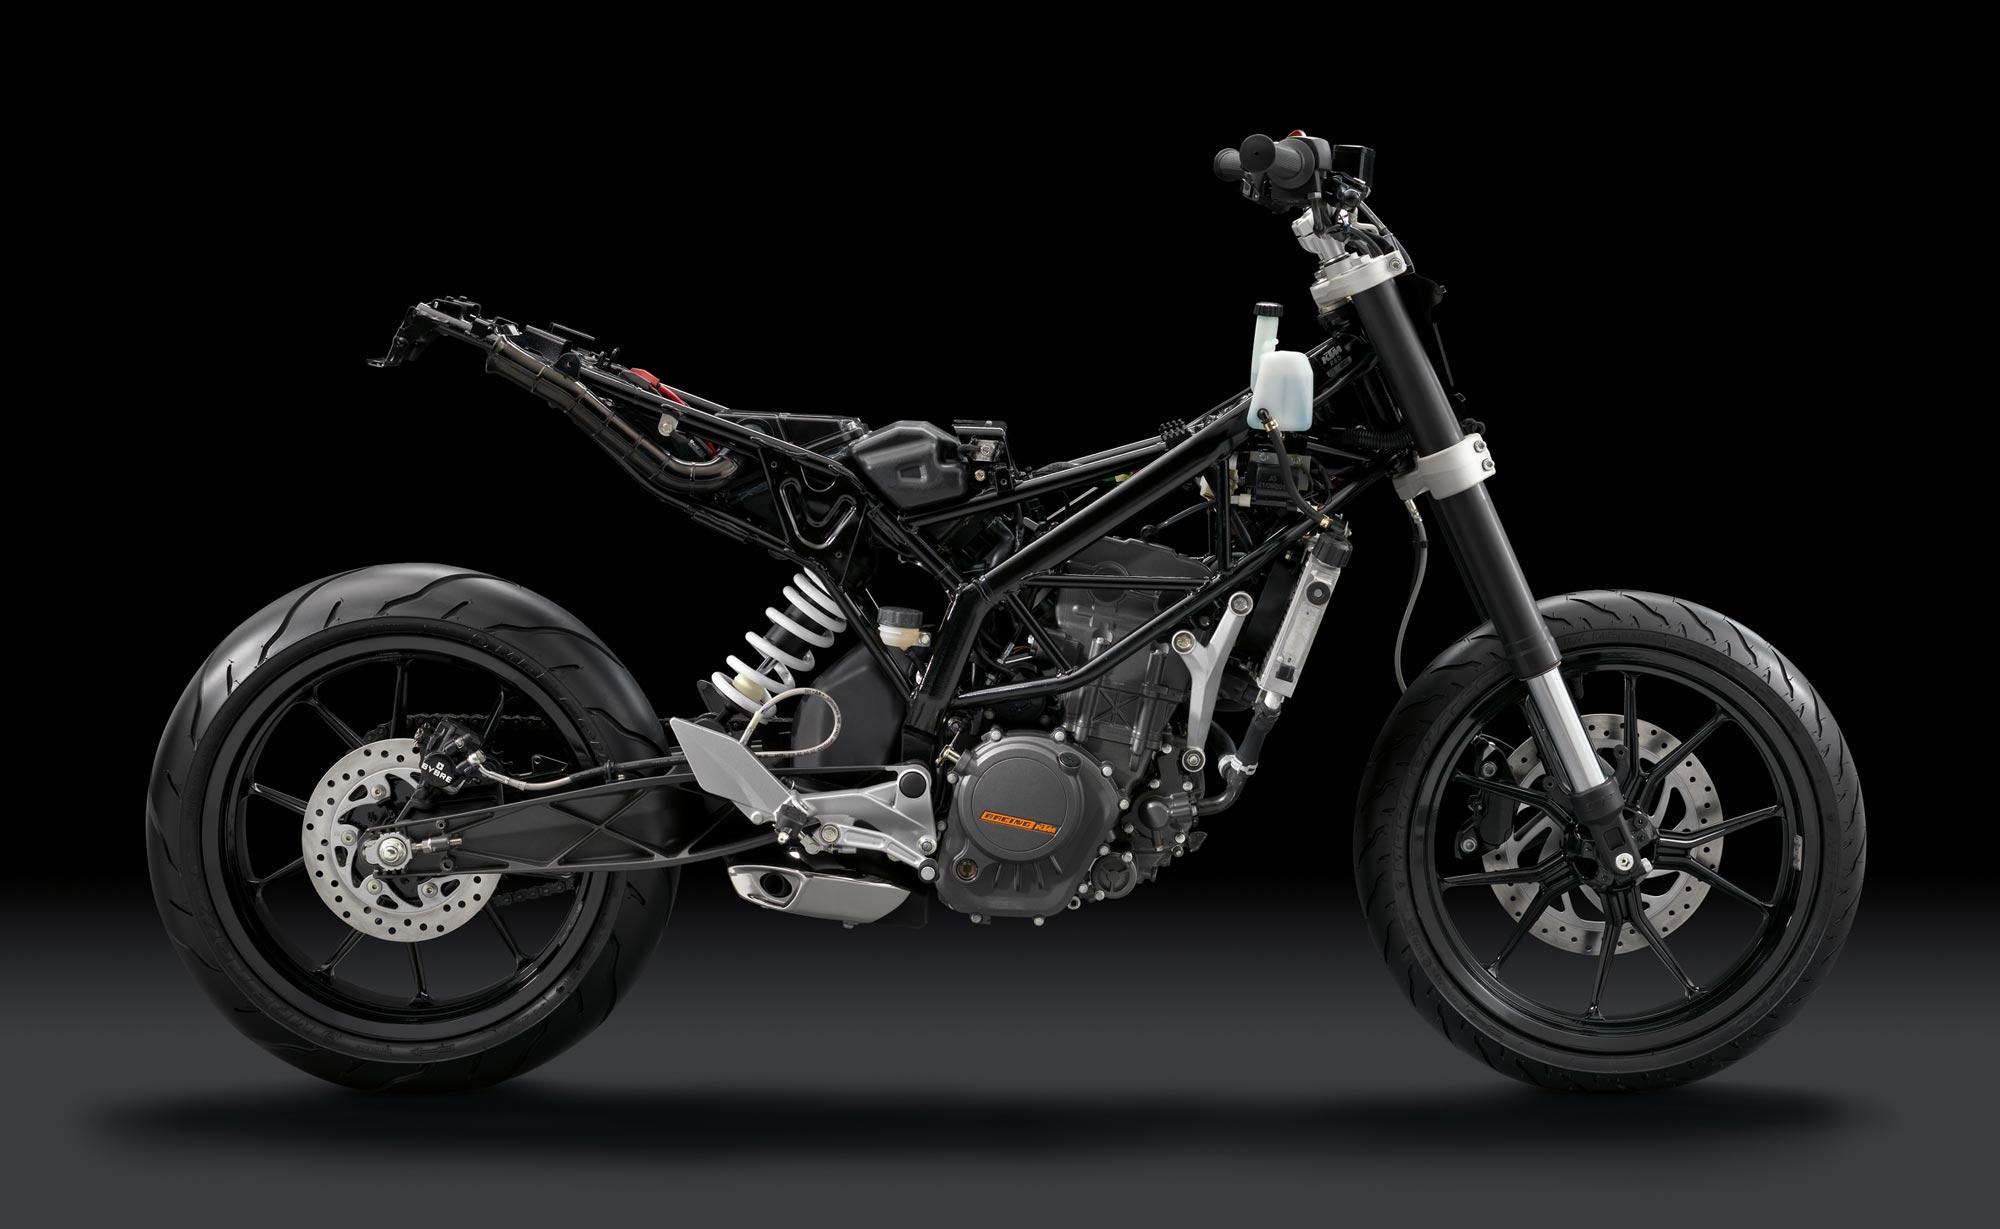 confirmed: ktm 350 duke in 2013 - moto3 inspired 350cc sport bike